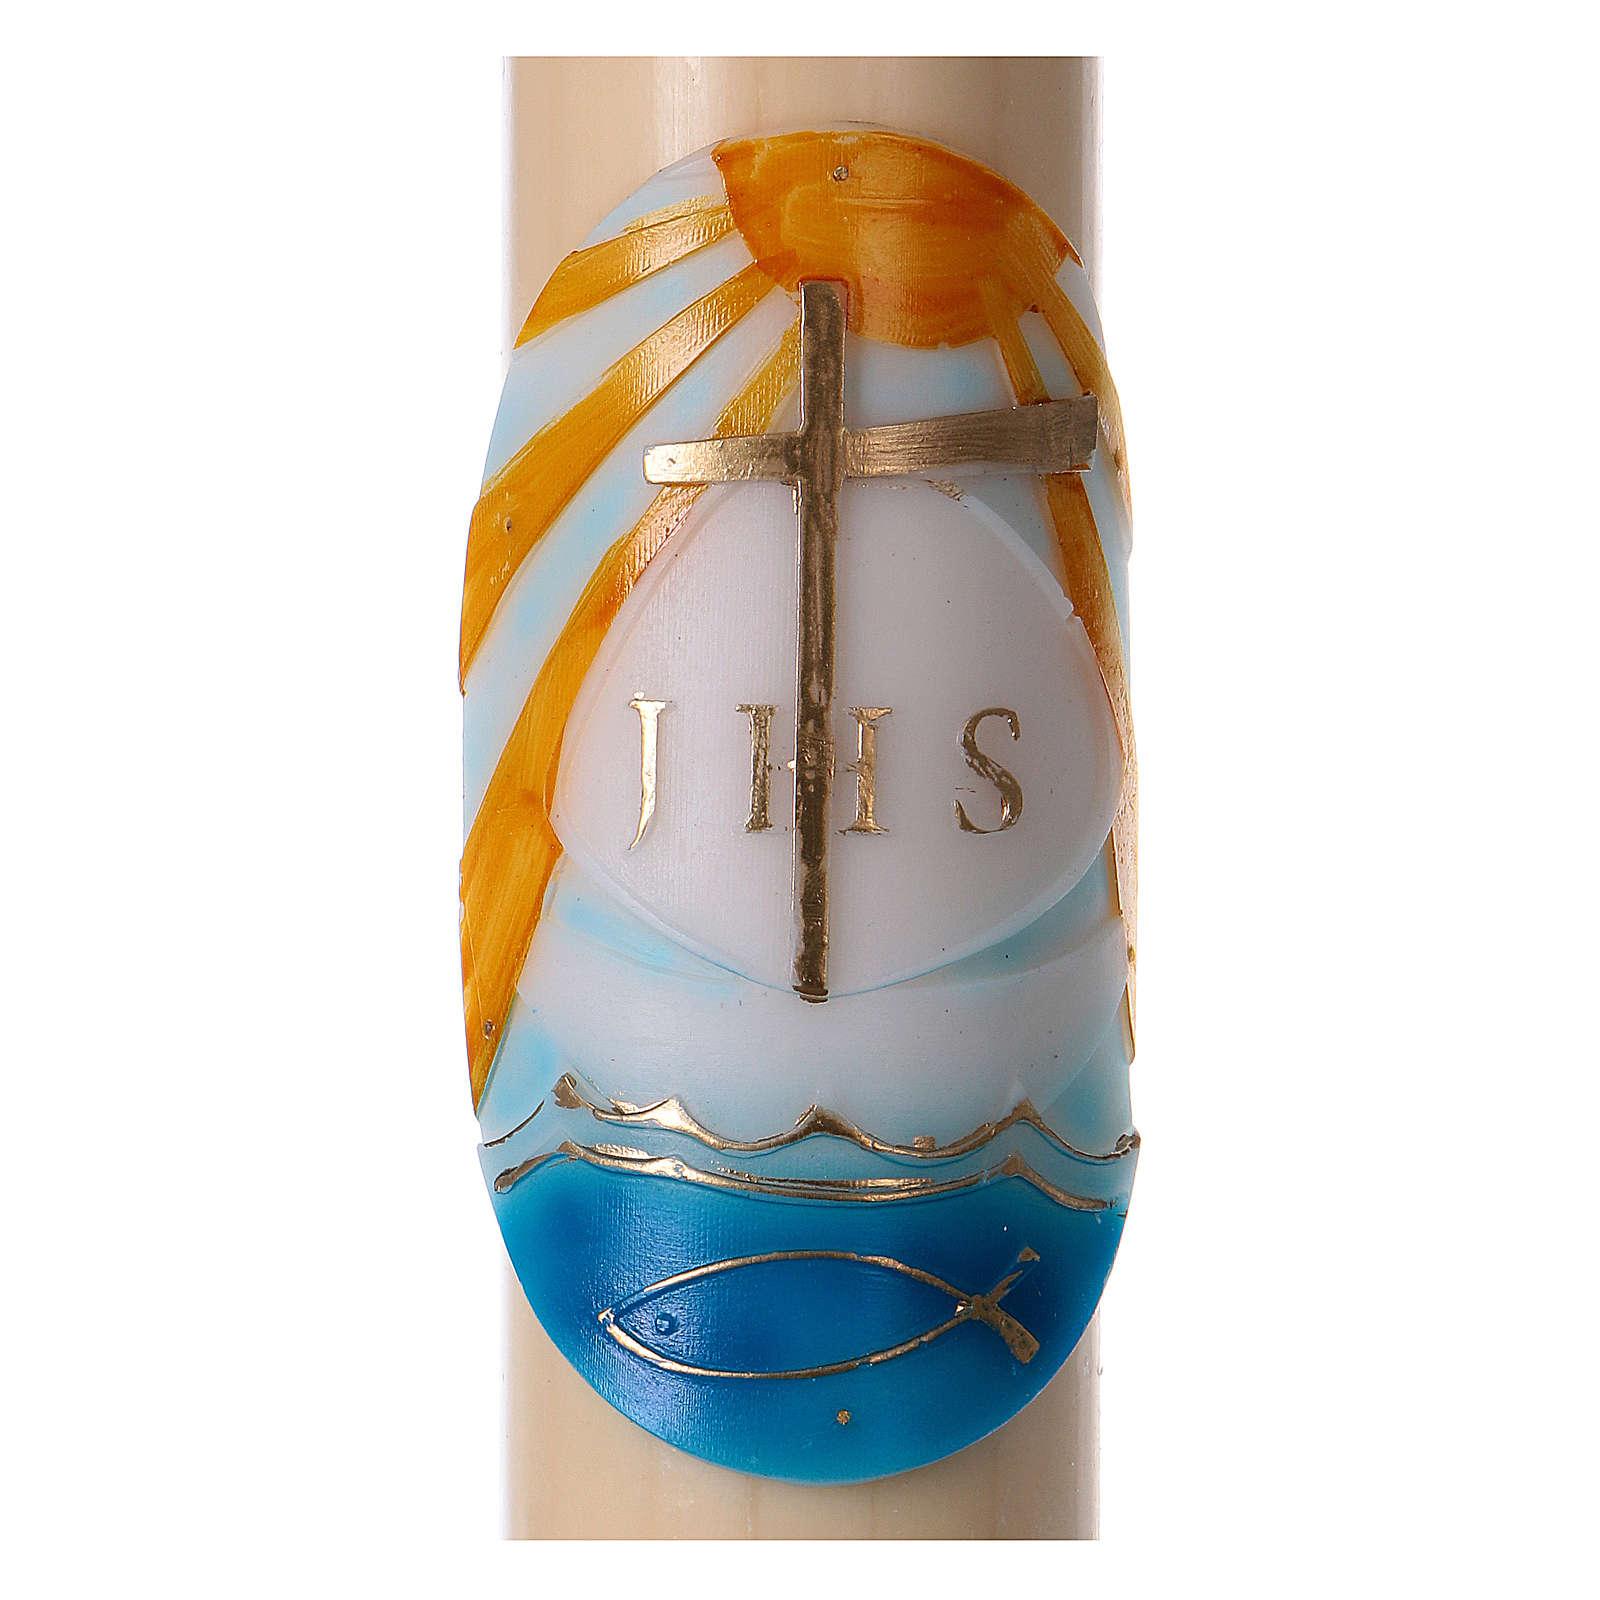 Cero pasquale cera d'api Barca colorata 8x120 cm CON RINFORZO 3